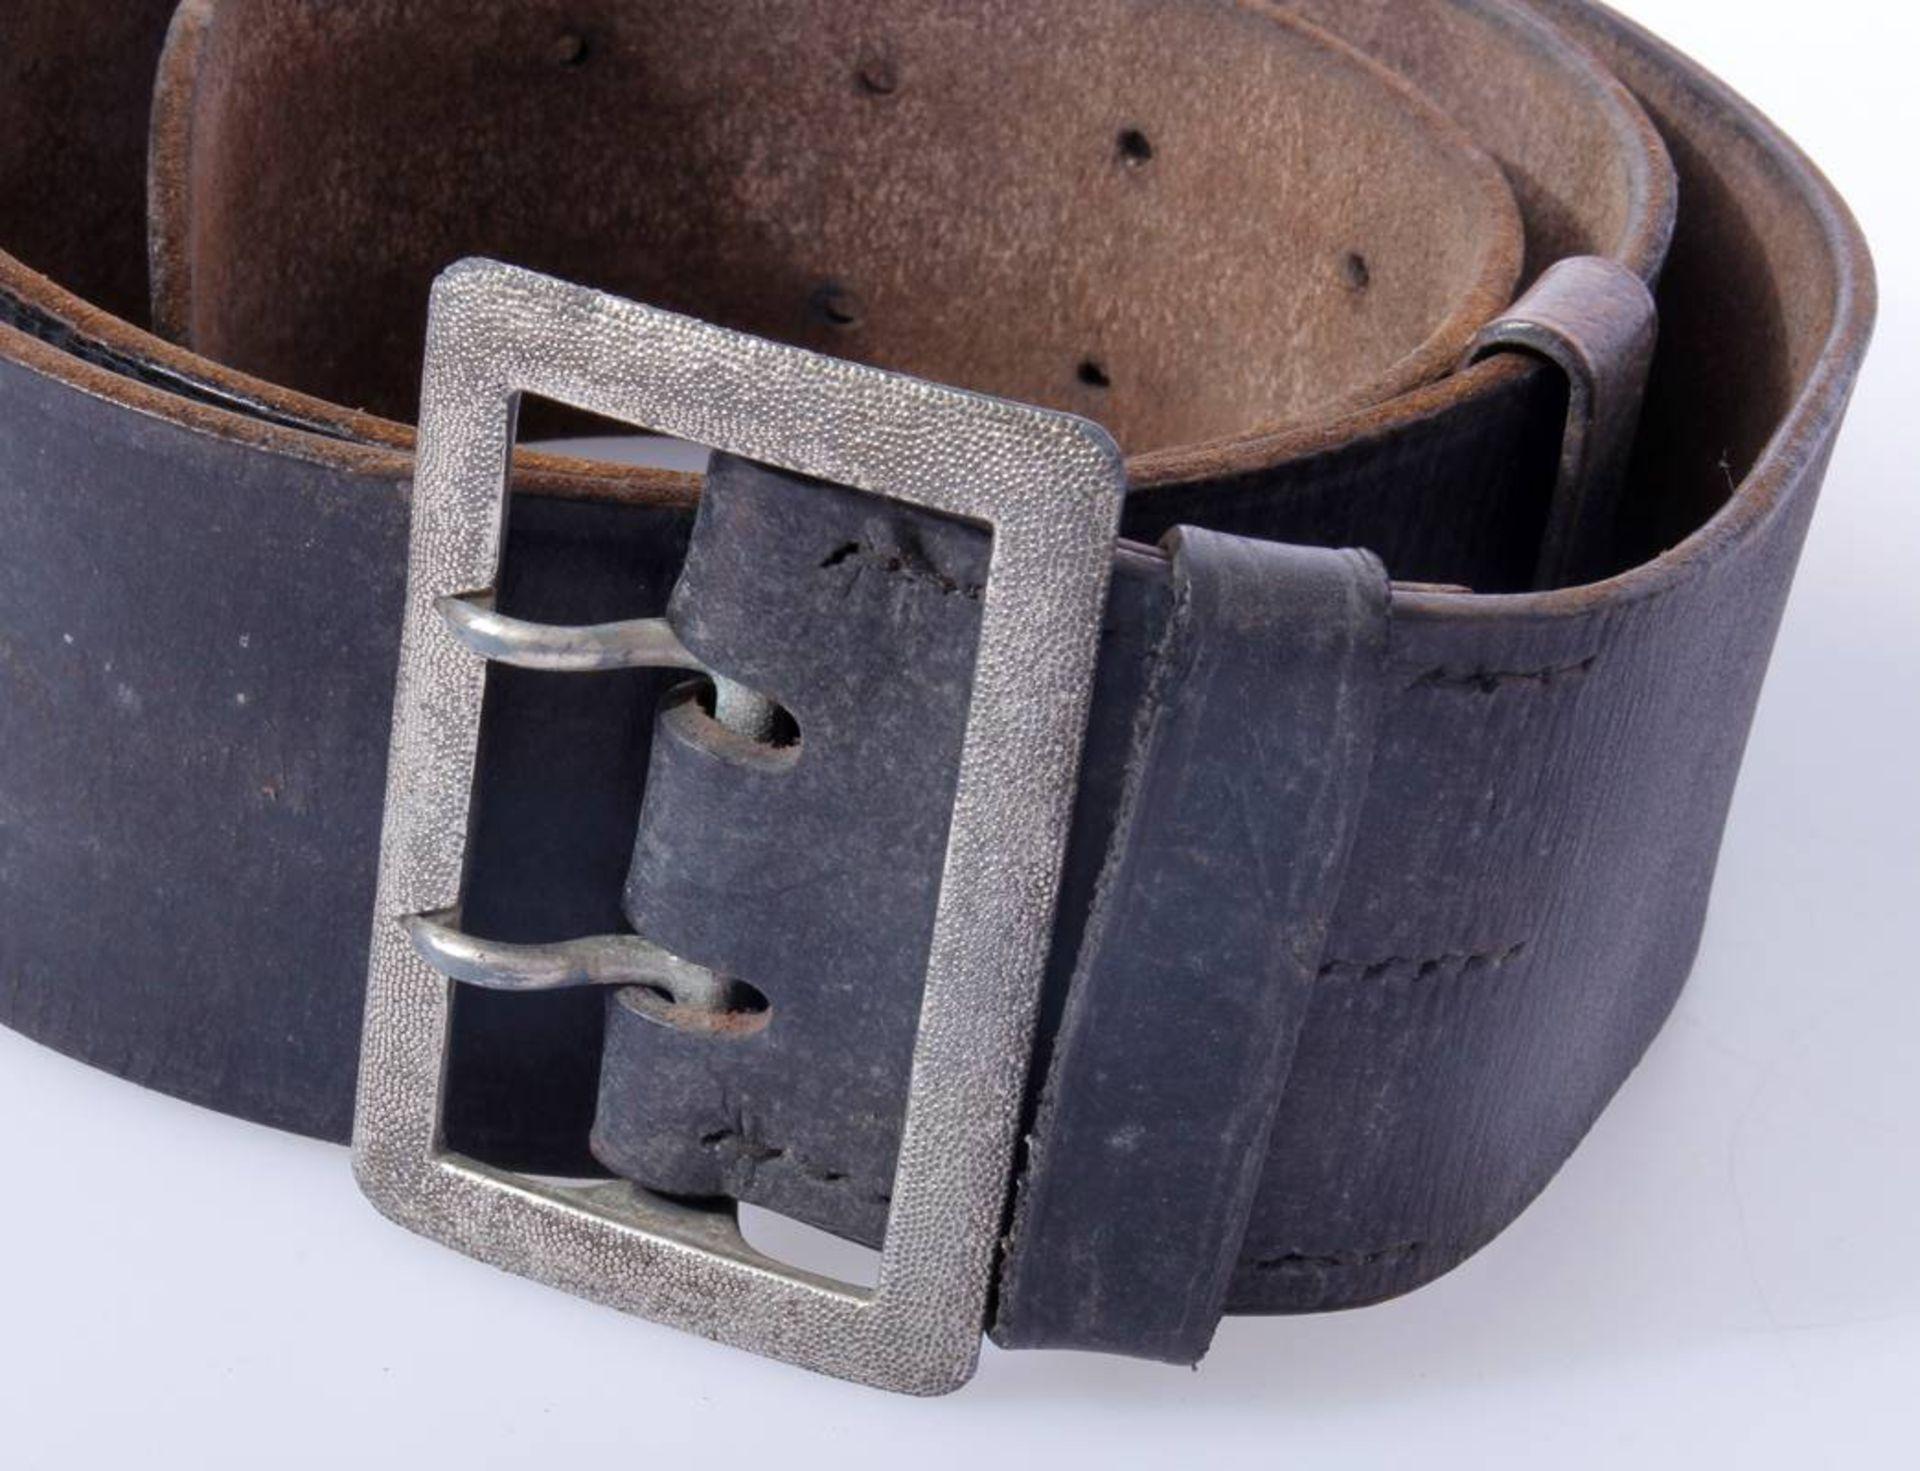 2 x Koppel für Offiziere der Wehrmacht2 x Koppel für Offiziere mit Aluminium Schließen, Leder - Bild 3 aus 7